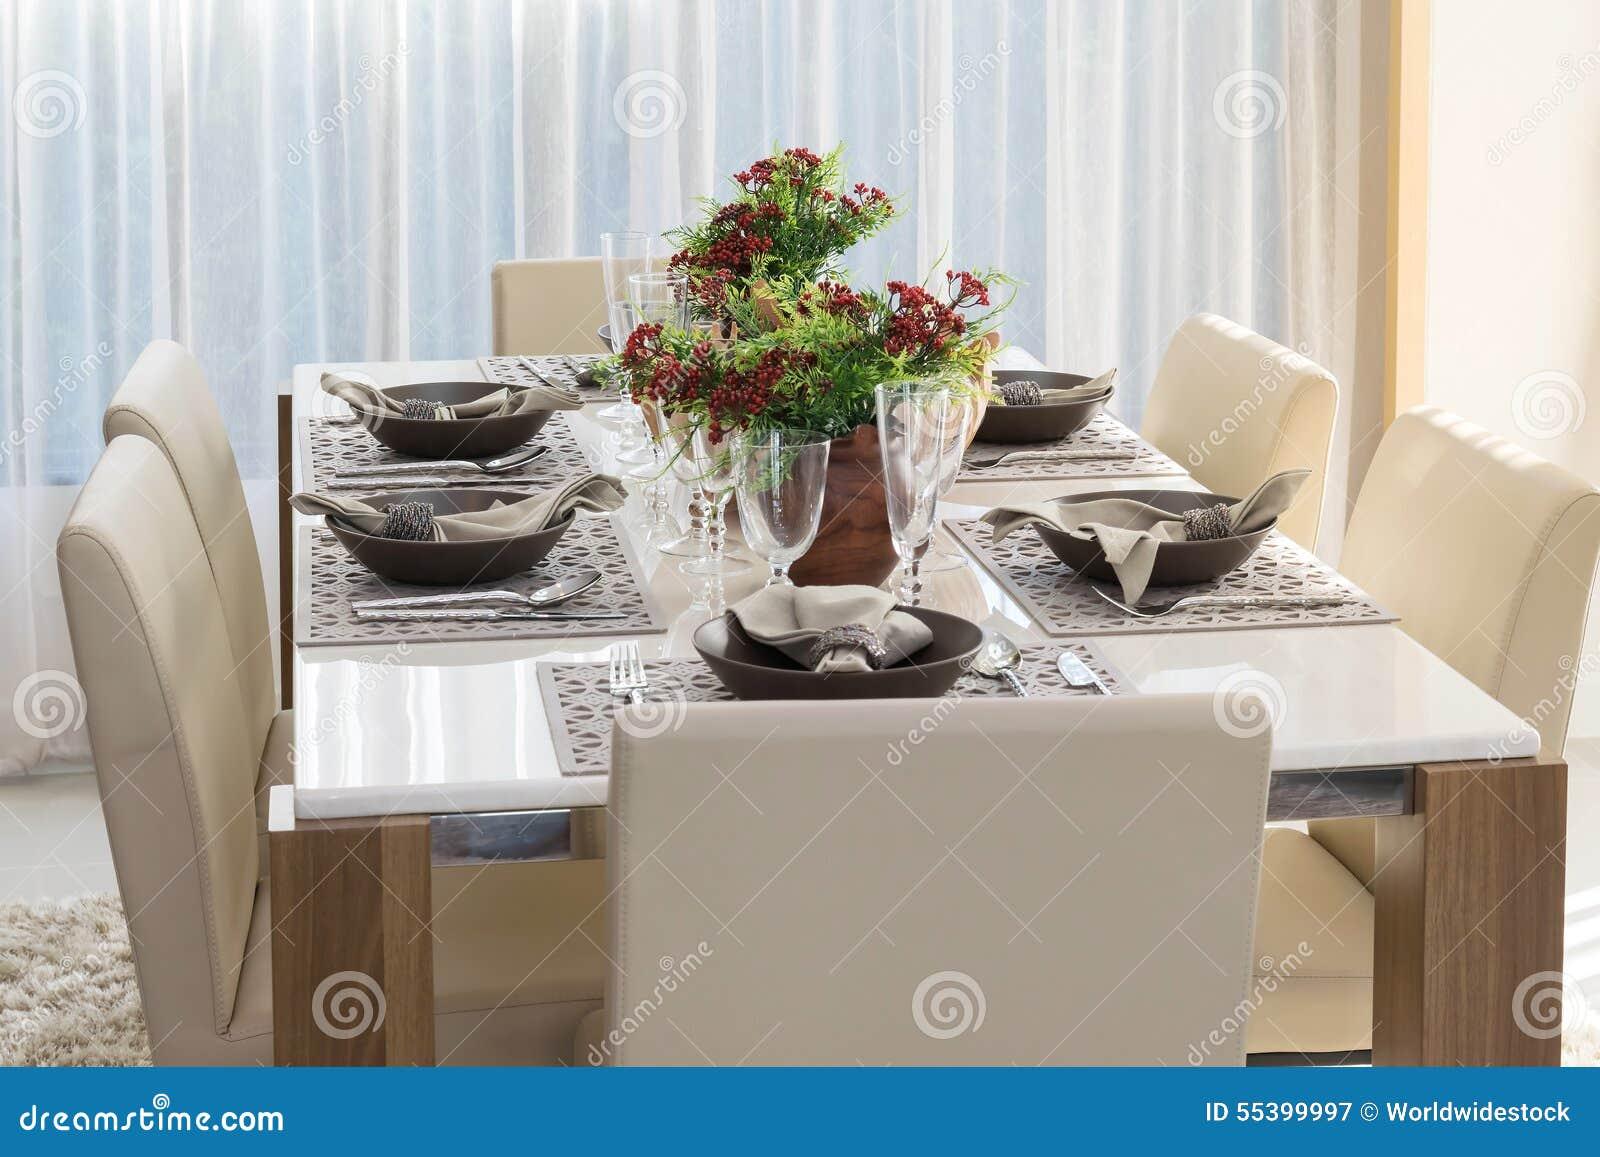 Speisetisch Und Bequeme Stühle Im Modernen Haus